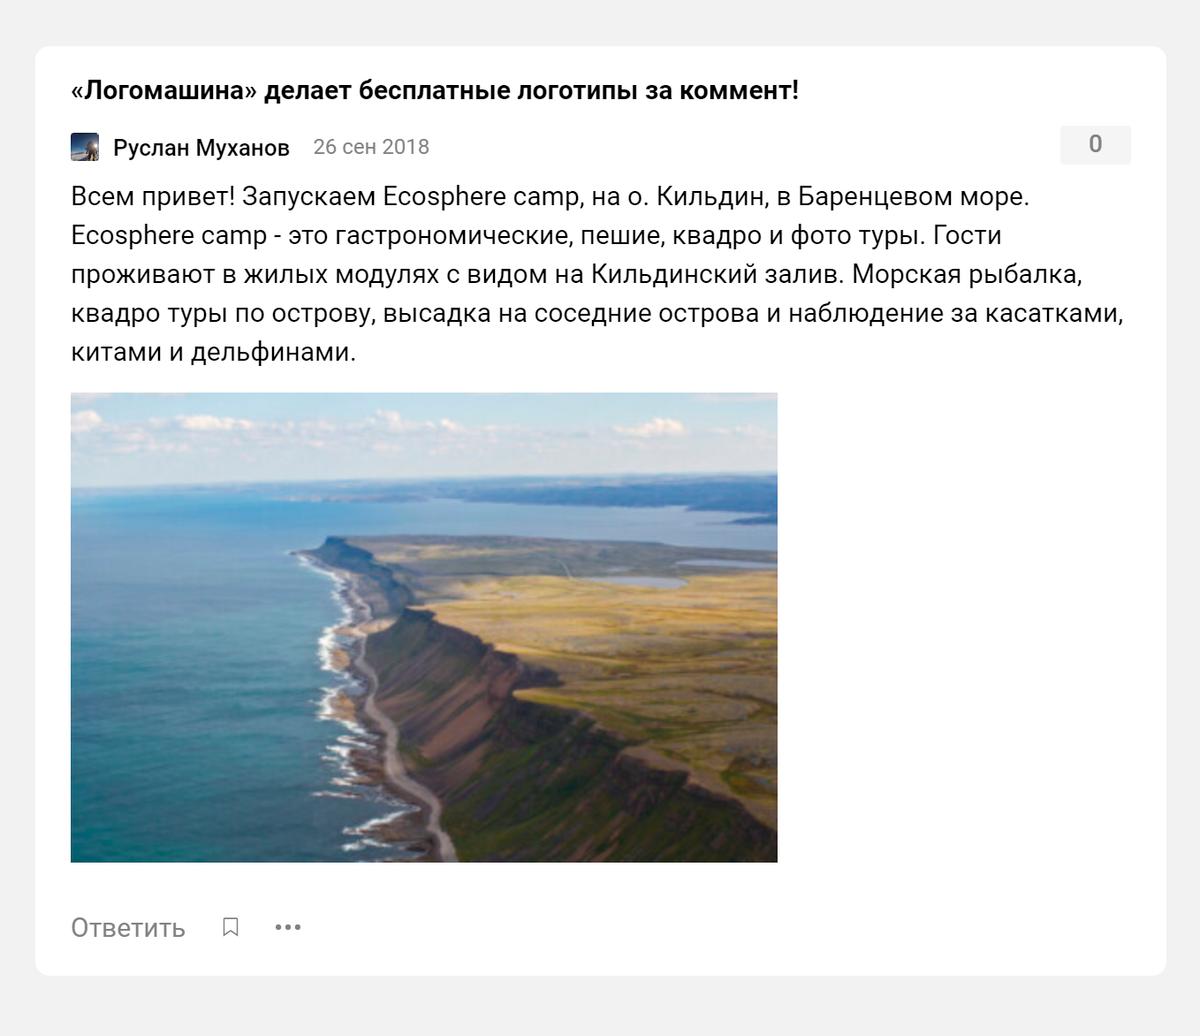 Объявление Руслана Муханова о запуске проекта Ecosphere на острове Кильдин в 2018году. Это вся информация о проекте, которую я нашел